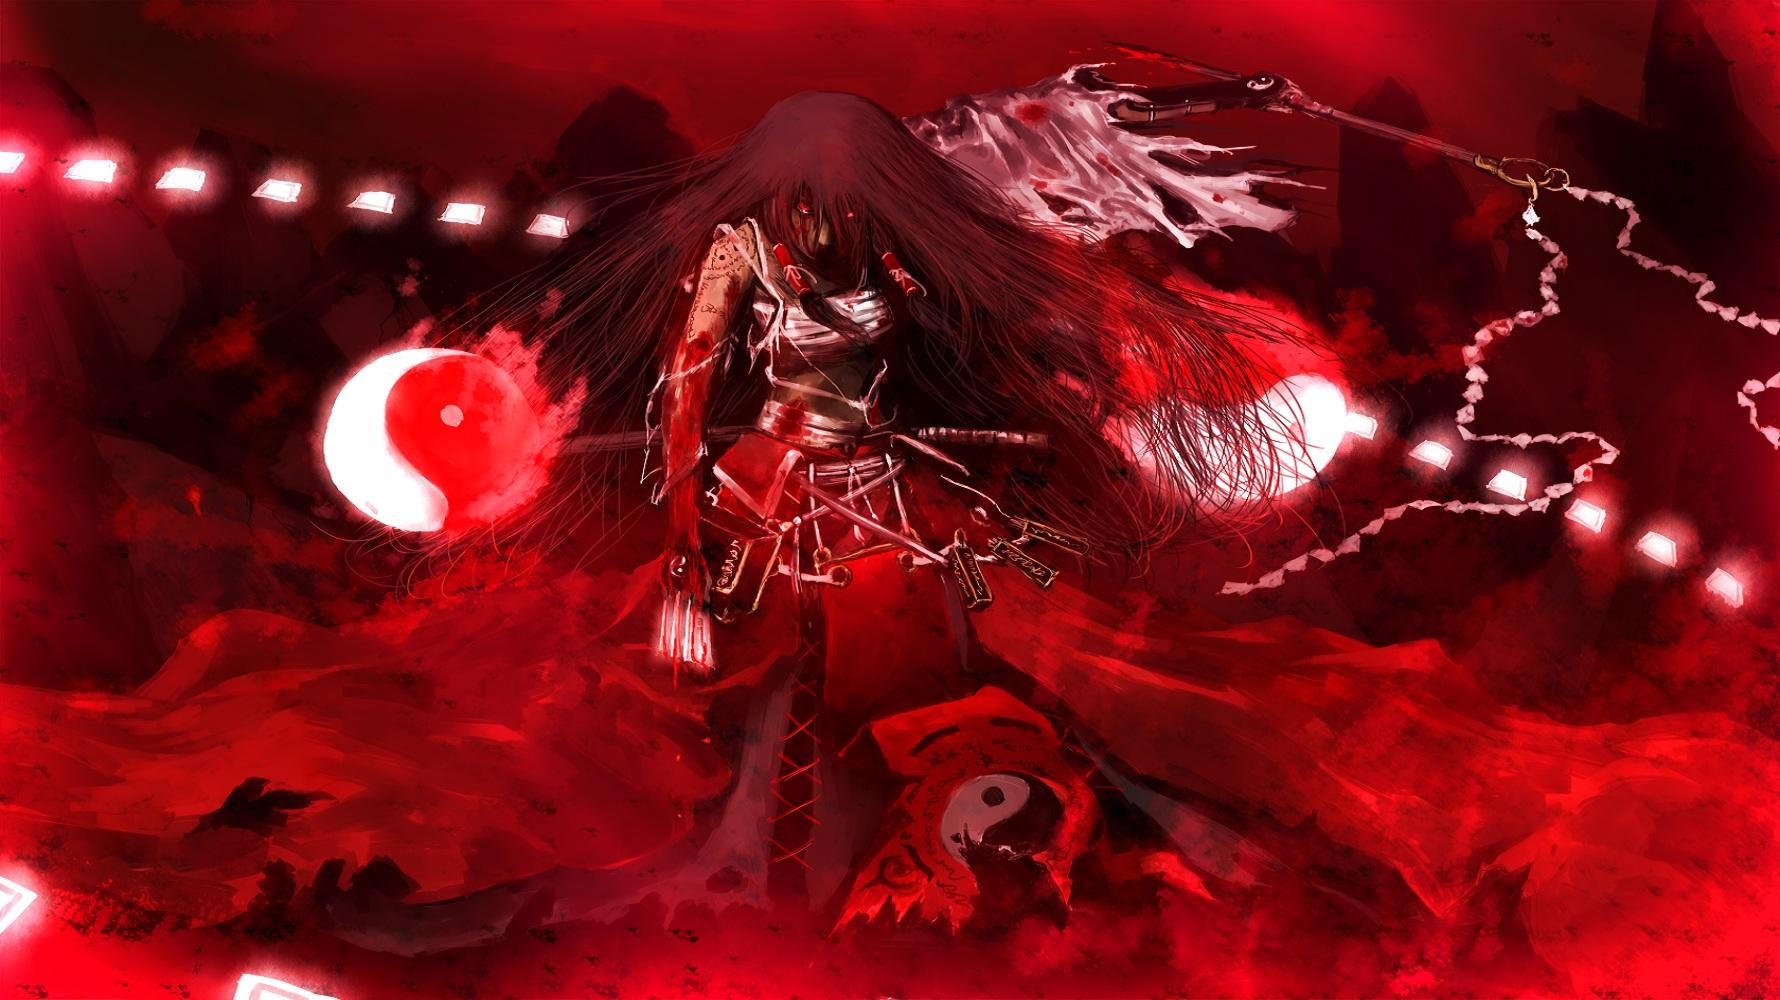 Notez l'Avatar du Dessus B88e5dfcb703d0dfe99507a1e4792d27